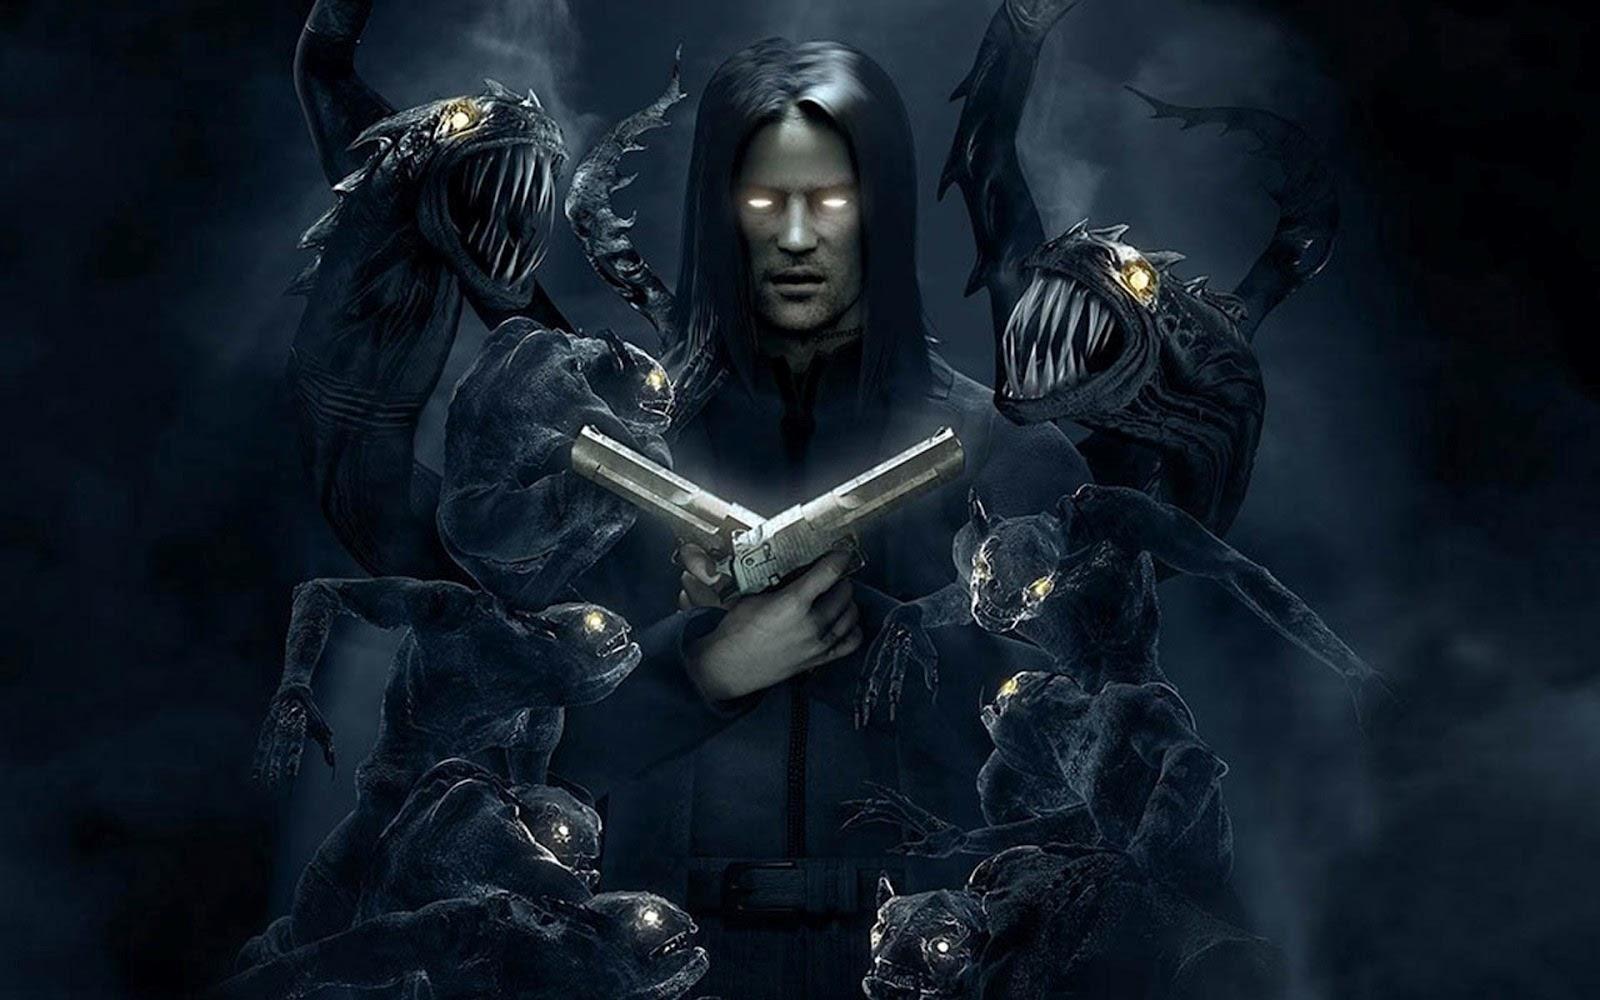 http://1.bp.blogspot.com/-tMkt8PfQKVs/UFcT4WtUOII/AAAAAAAAEE4/mGt2Mqm7kDU/s1600/Halloween_Monster_High_definition_wallpaper.jpg